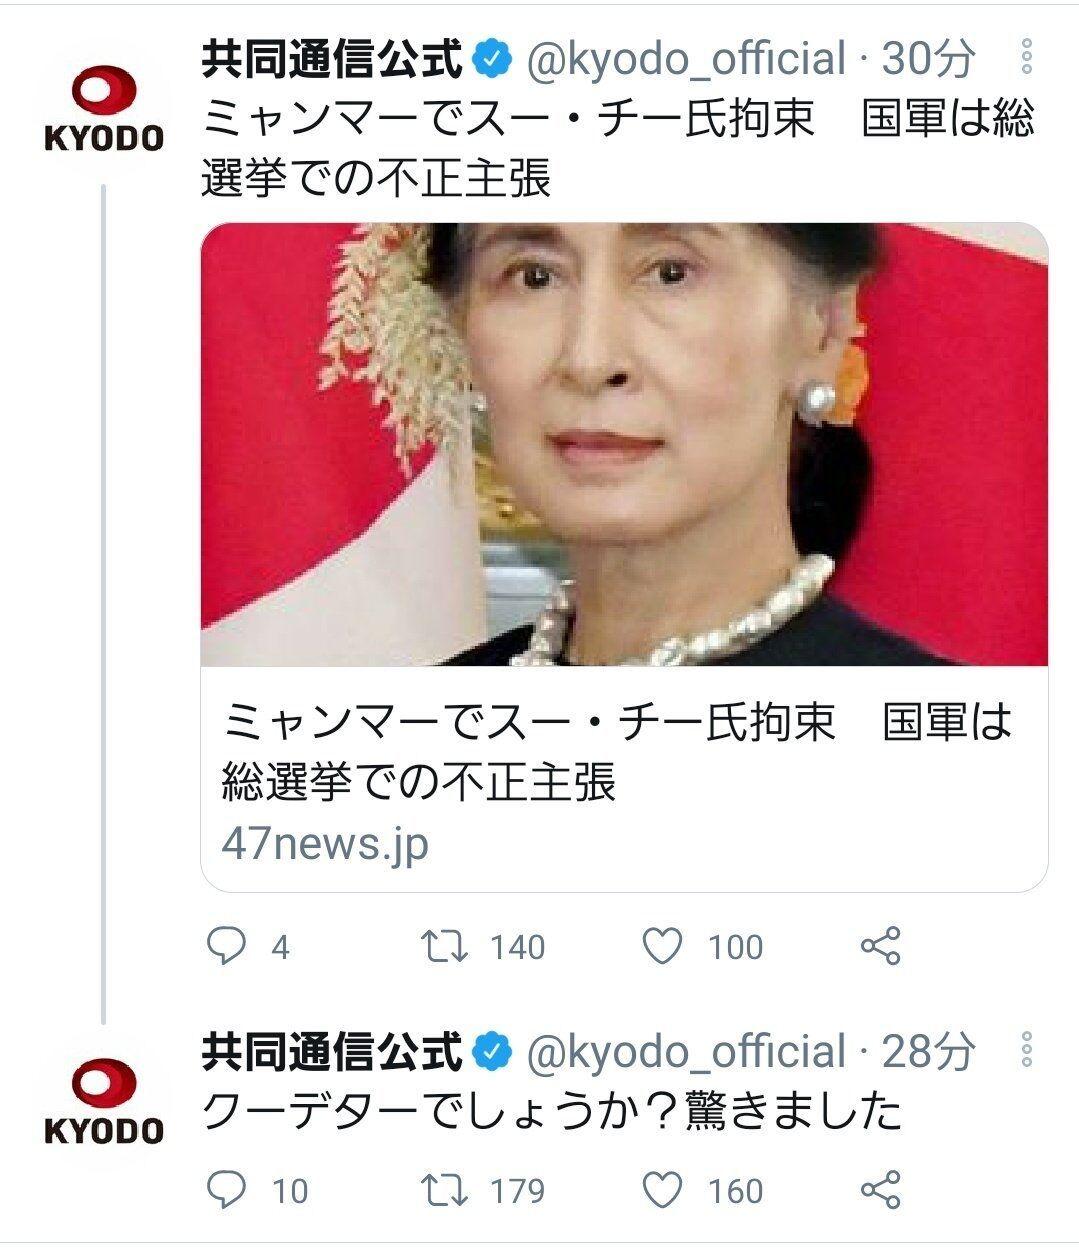 応援 パチ ブログ 倒